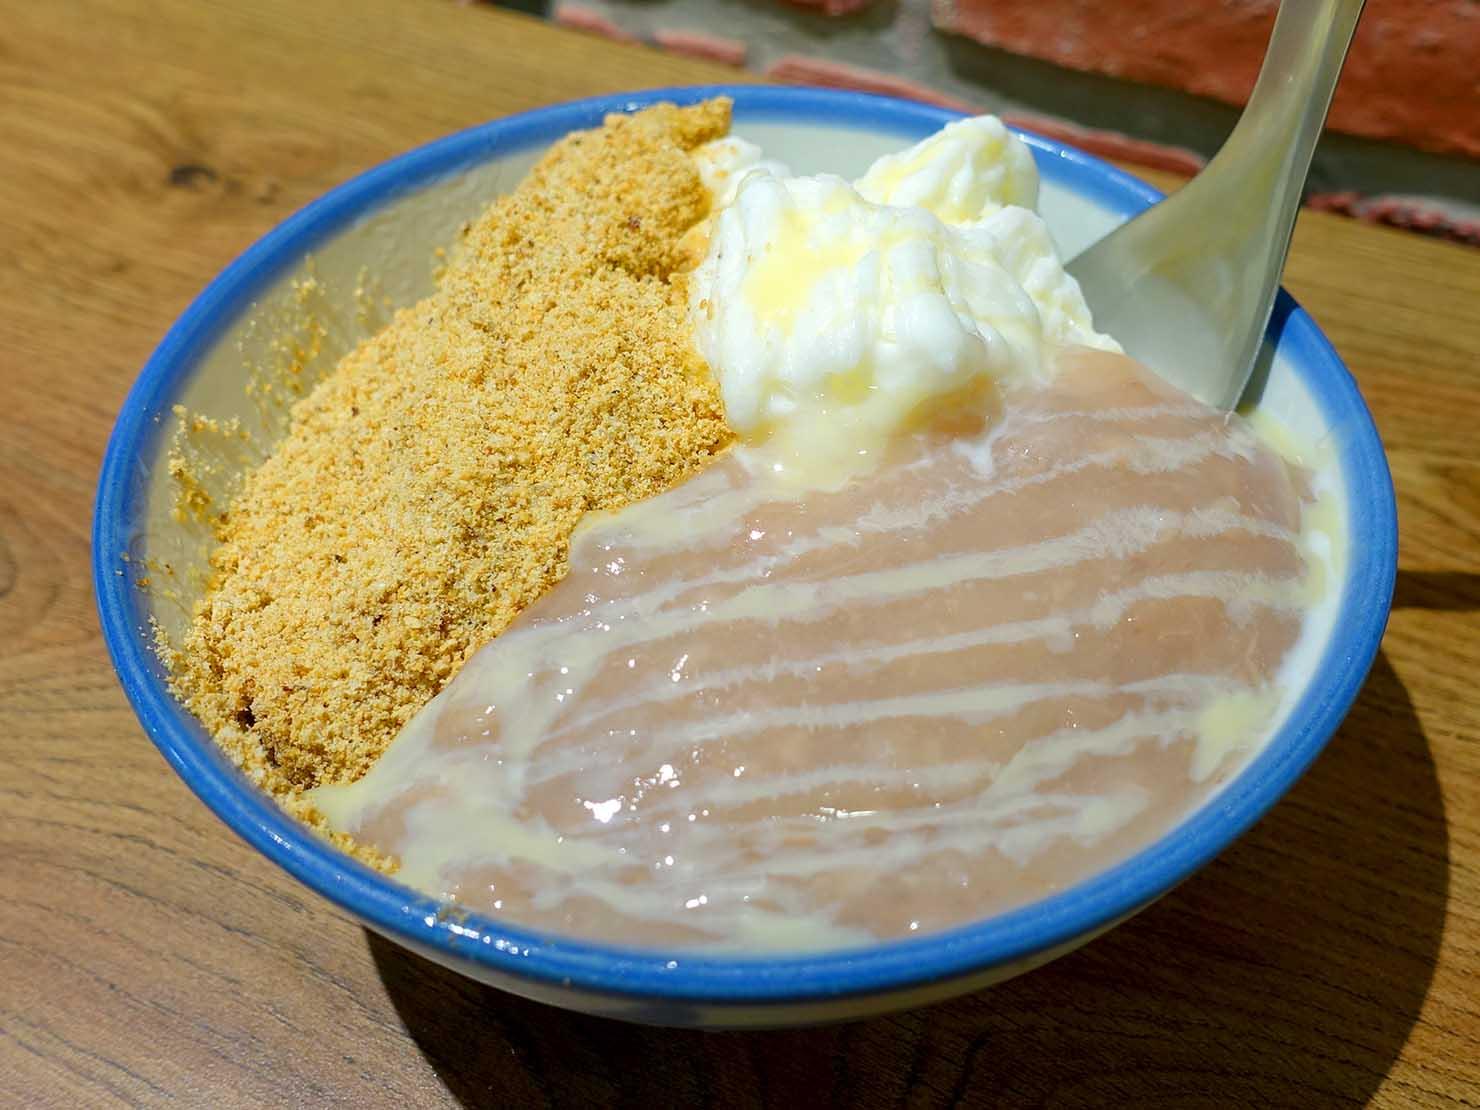 台北・西門町のおすすめデザート店「來呷甜甜品」の蜜芋麻糬燒雪冰